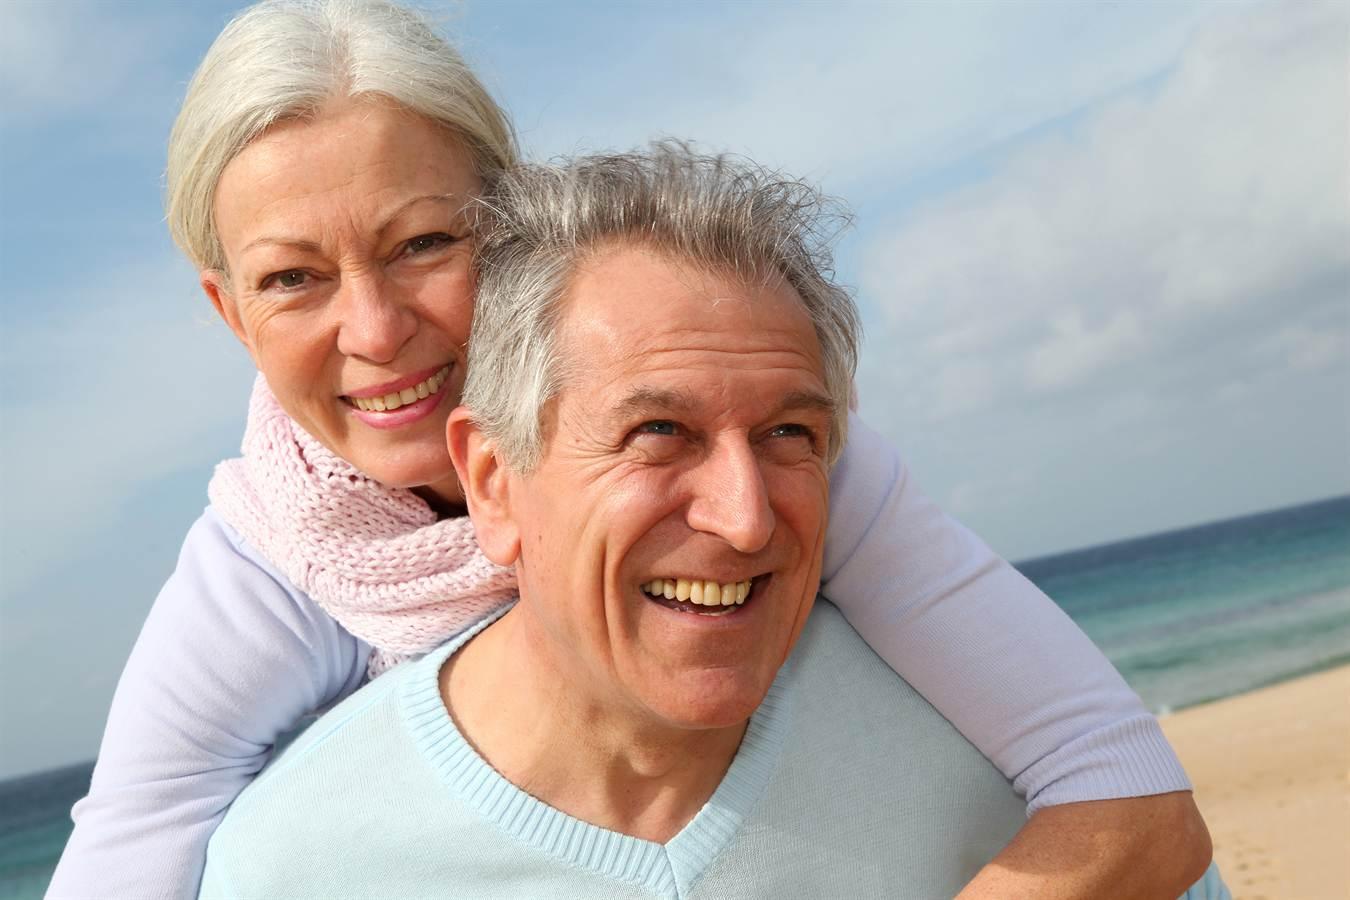 Богатые люди ведут более здоровый образ жизни. Фото: afigreen.com